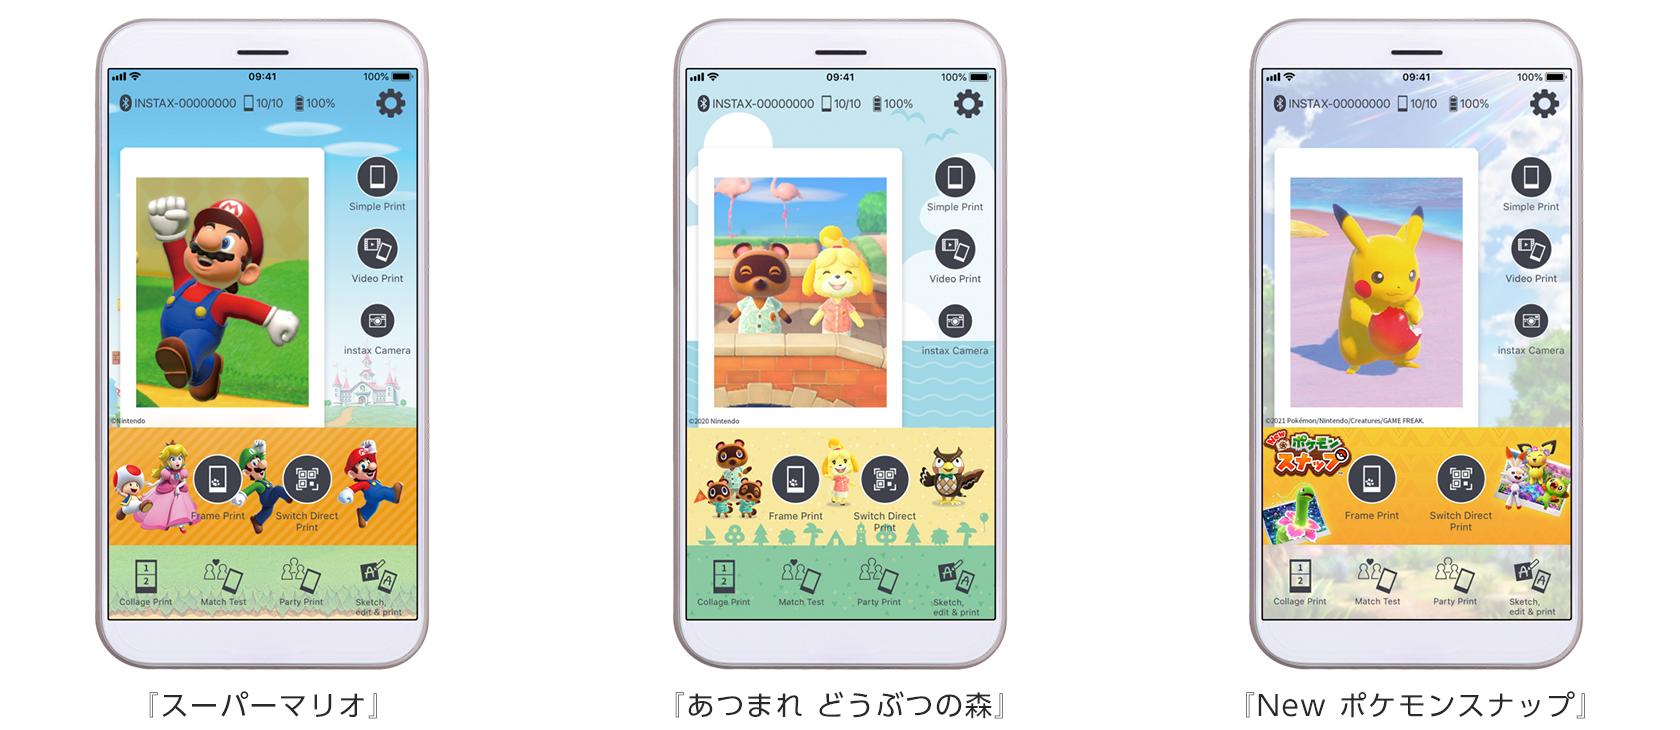 [画像]専用アプリの画面デザイン『スーパーマリオ』、『あつまれ どうぶつの森』、『New ポケモンスナップ』